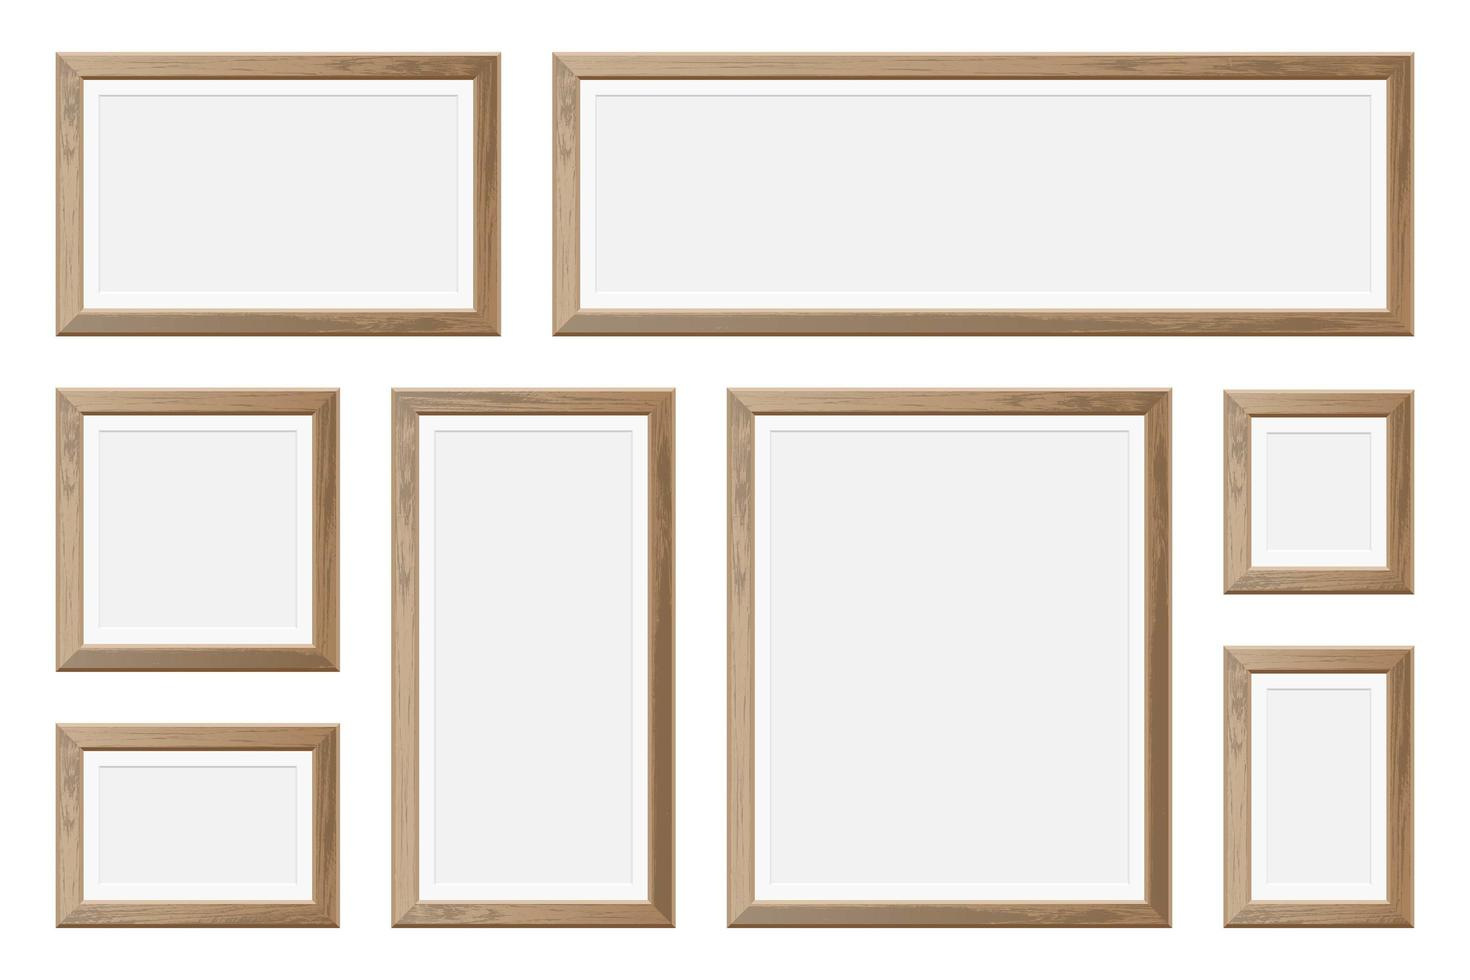 uppsättning tomma realistiska träbildramar vektor